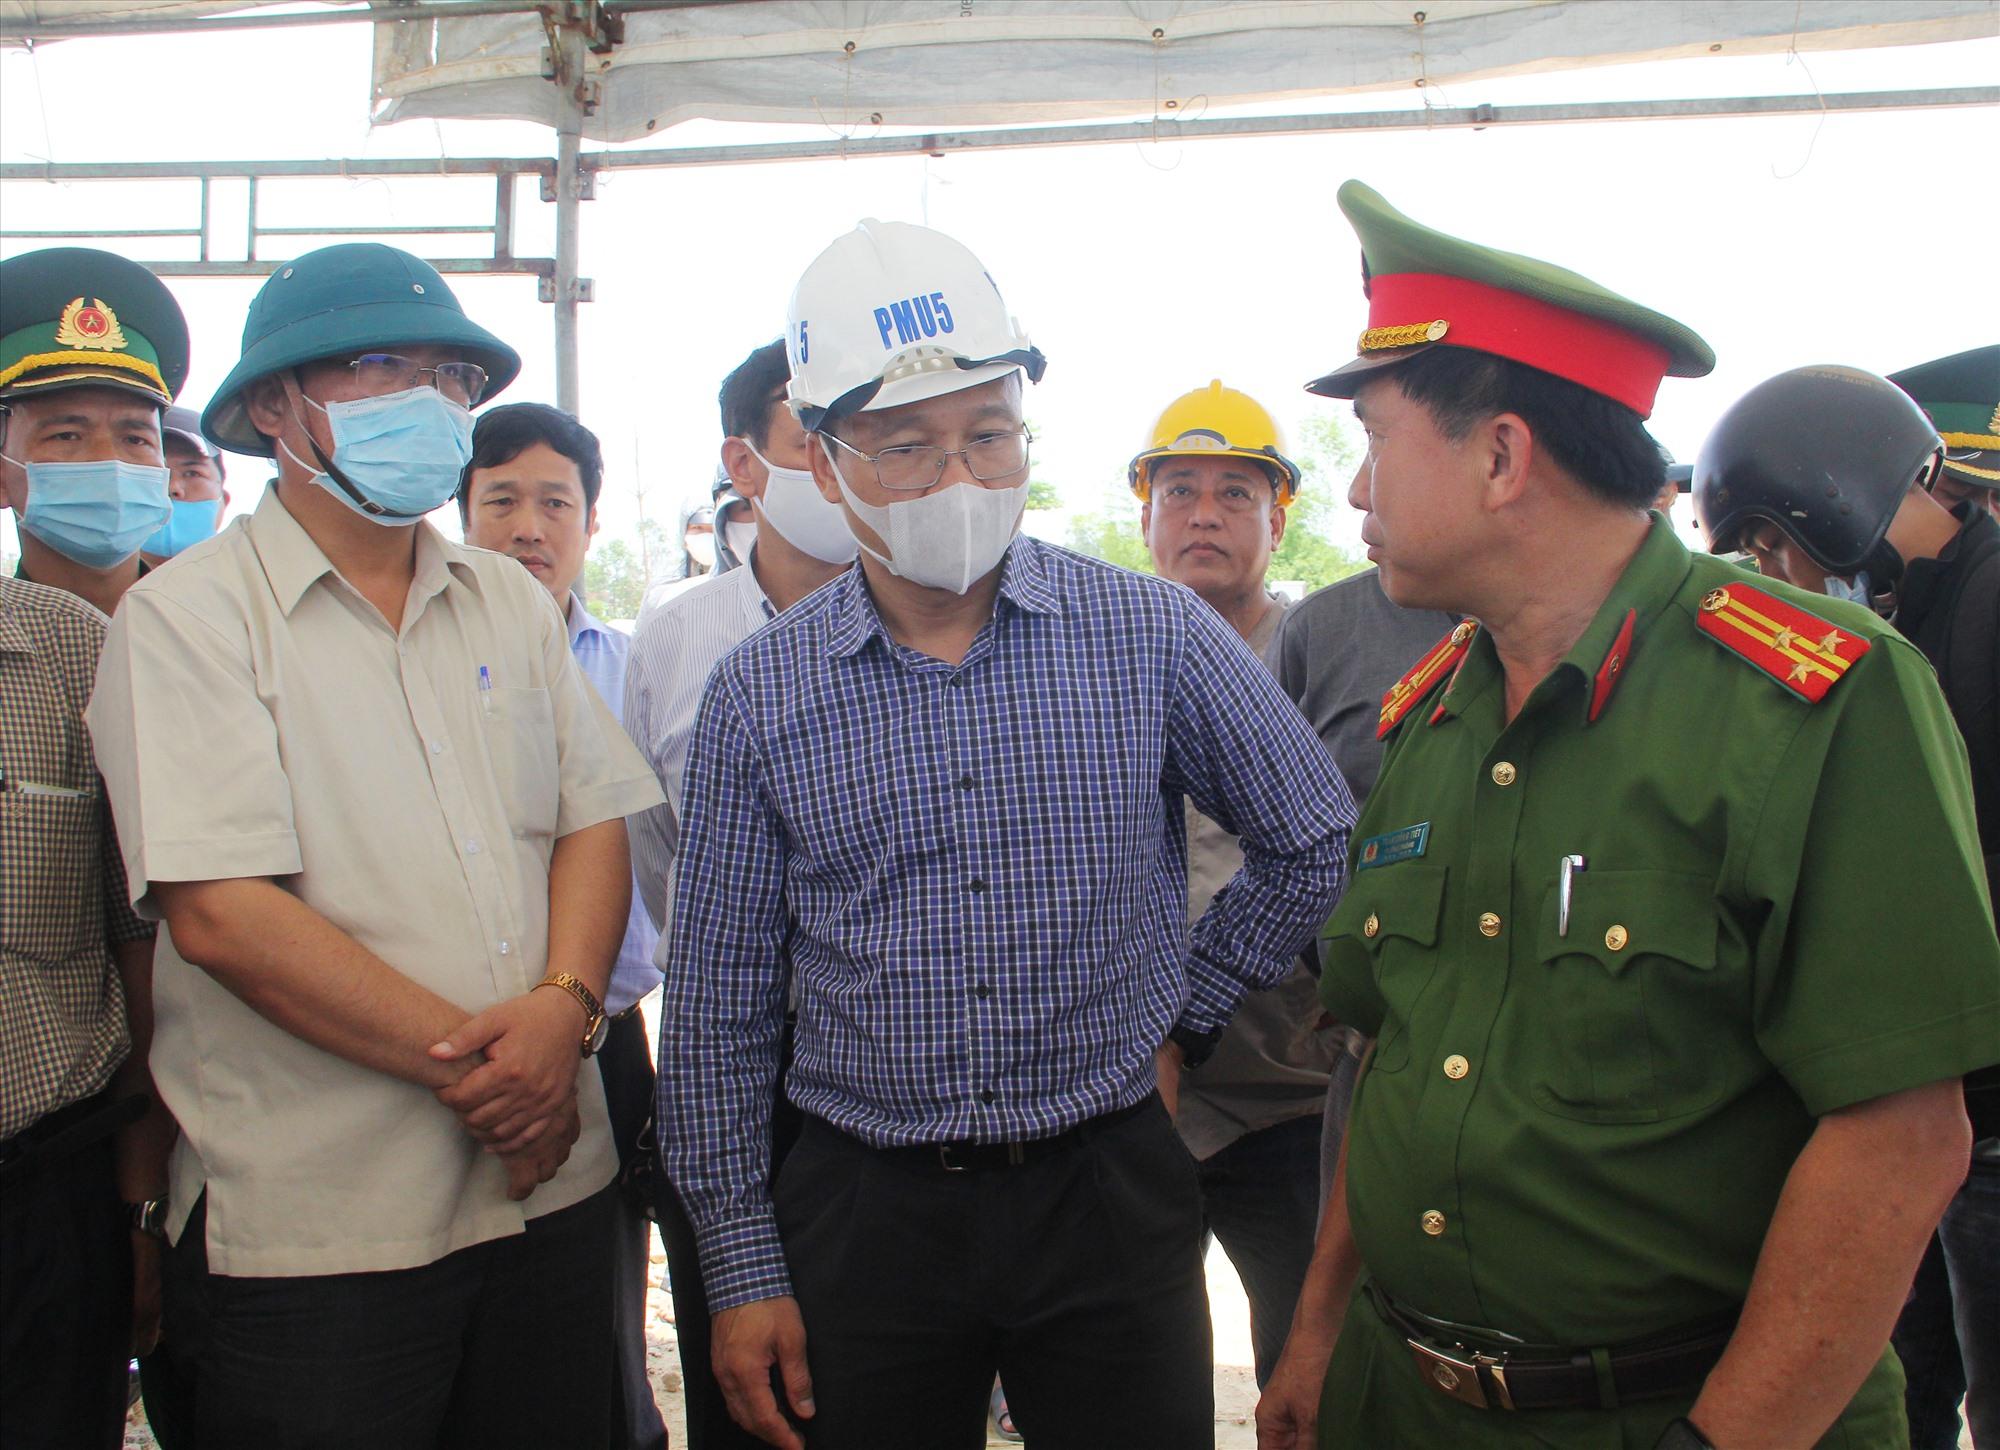 Thượng tá Trần Công Tiết - Trưởng phòng Cảnh sát PCCC&CHCN tại hiện trường chỉ huy tìm kiếm cứu nạn cứu hộ trong vụ chìm ghe làm 5 người mất tích ở Duy Nghĩa (Duy Xuyên) tháng 5 vừa qua. Ảnh: P.G